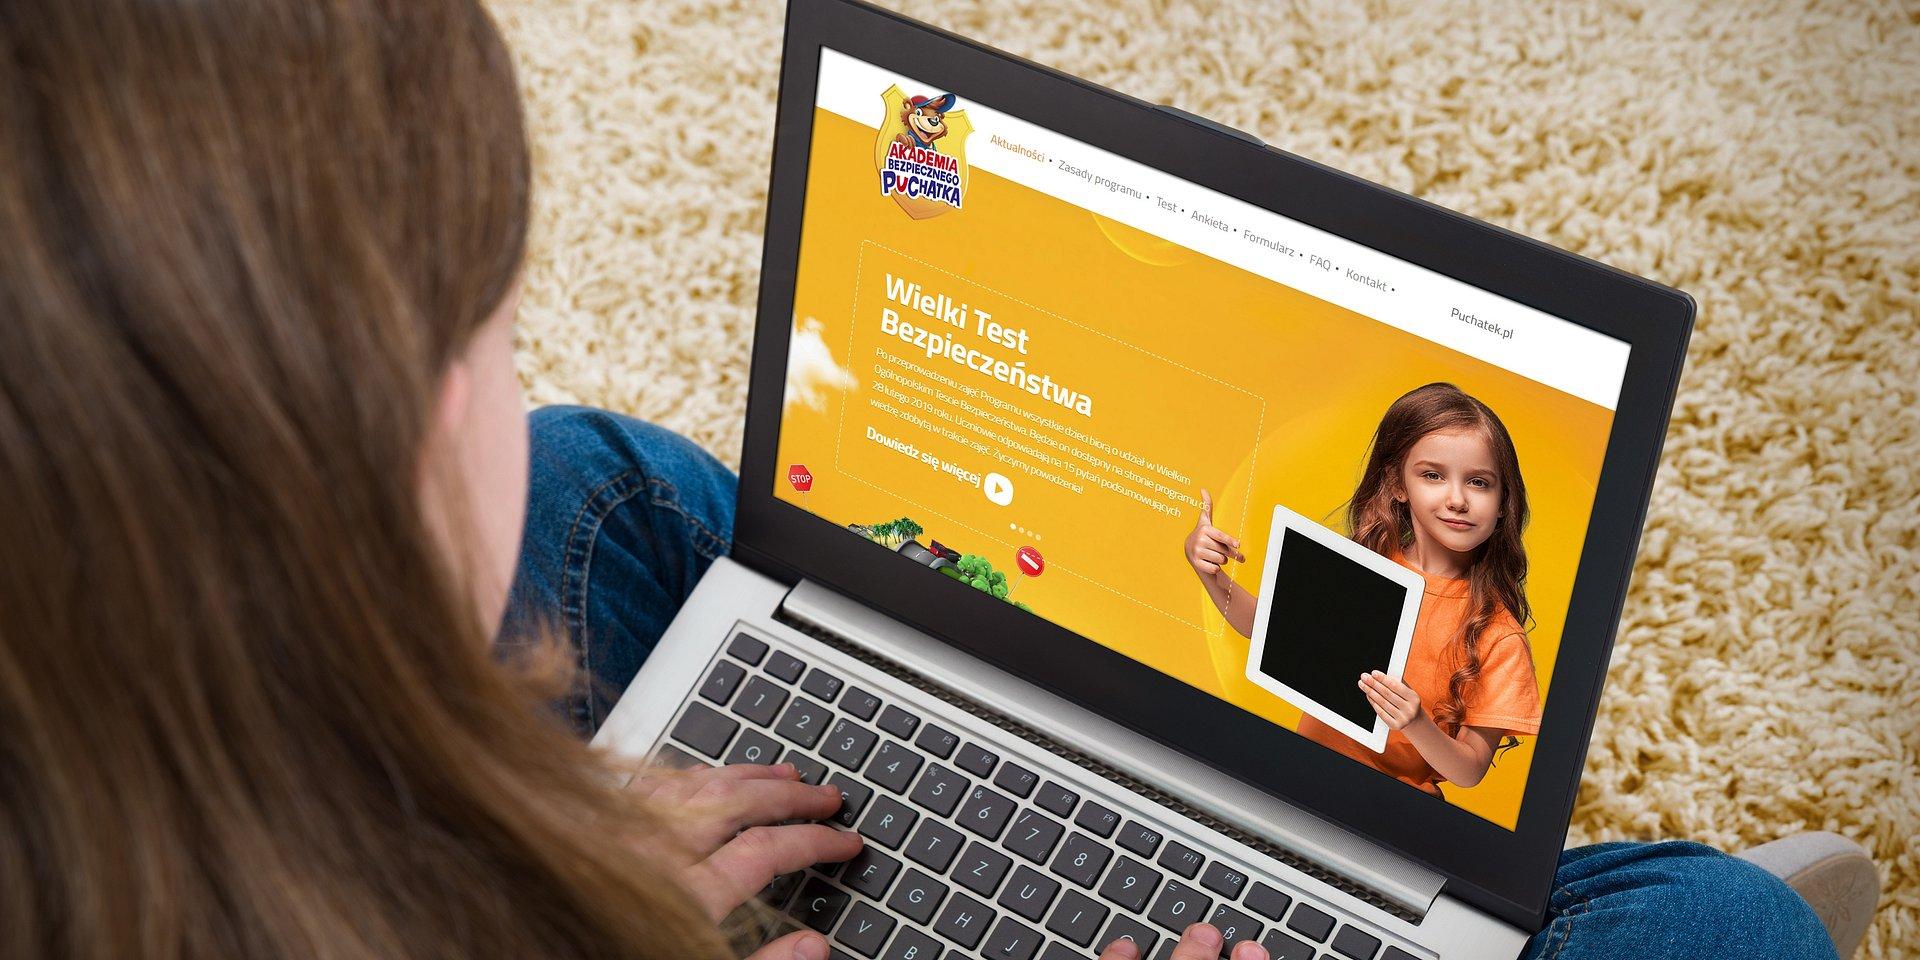 Jak zadbać o bezpieczeństwo dzieci w Internecie? Poznaj porady ekspertów.